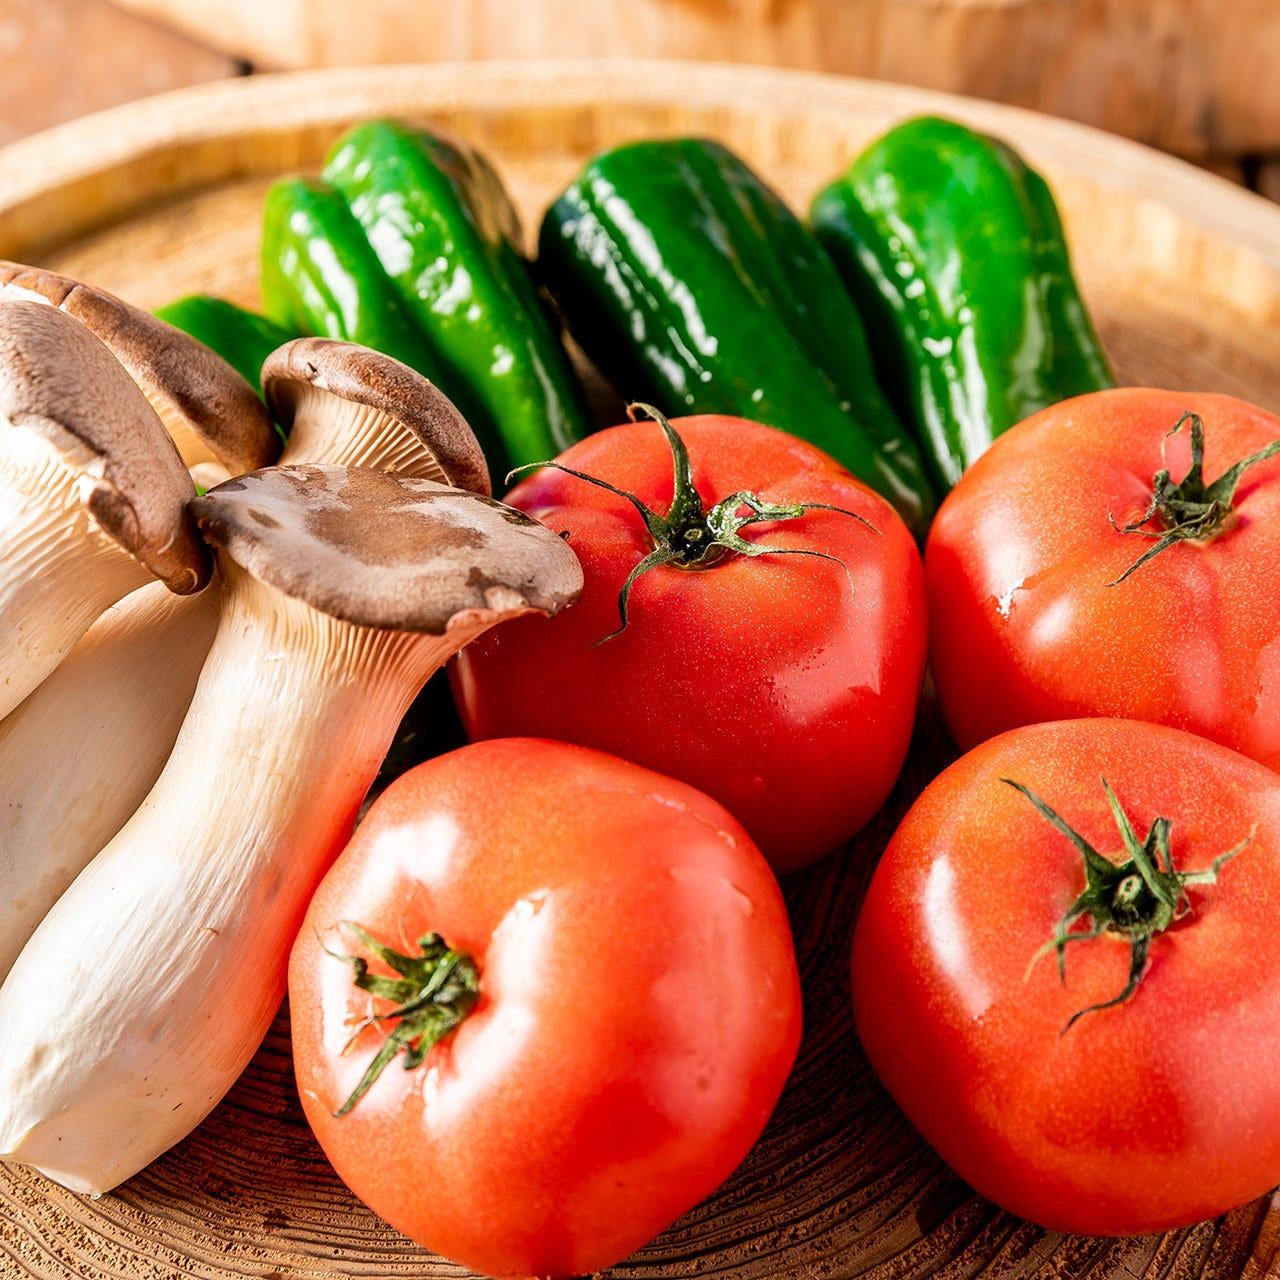 トマトやピーマン、エリンギなど野菜をまるごとグリルでどうぞ